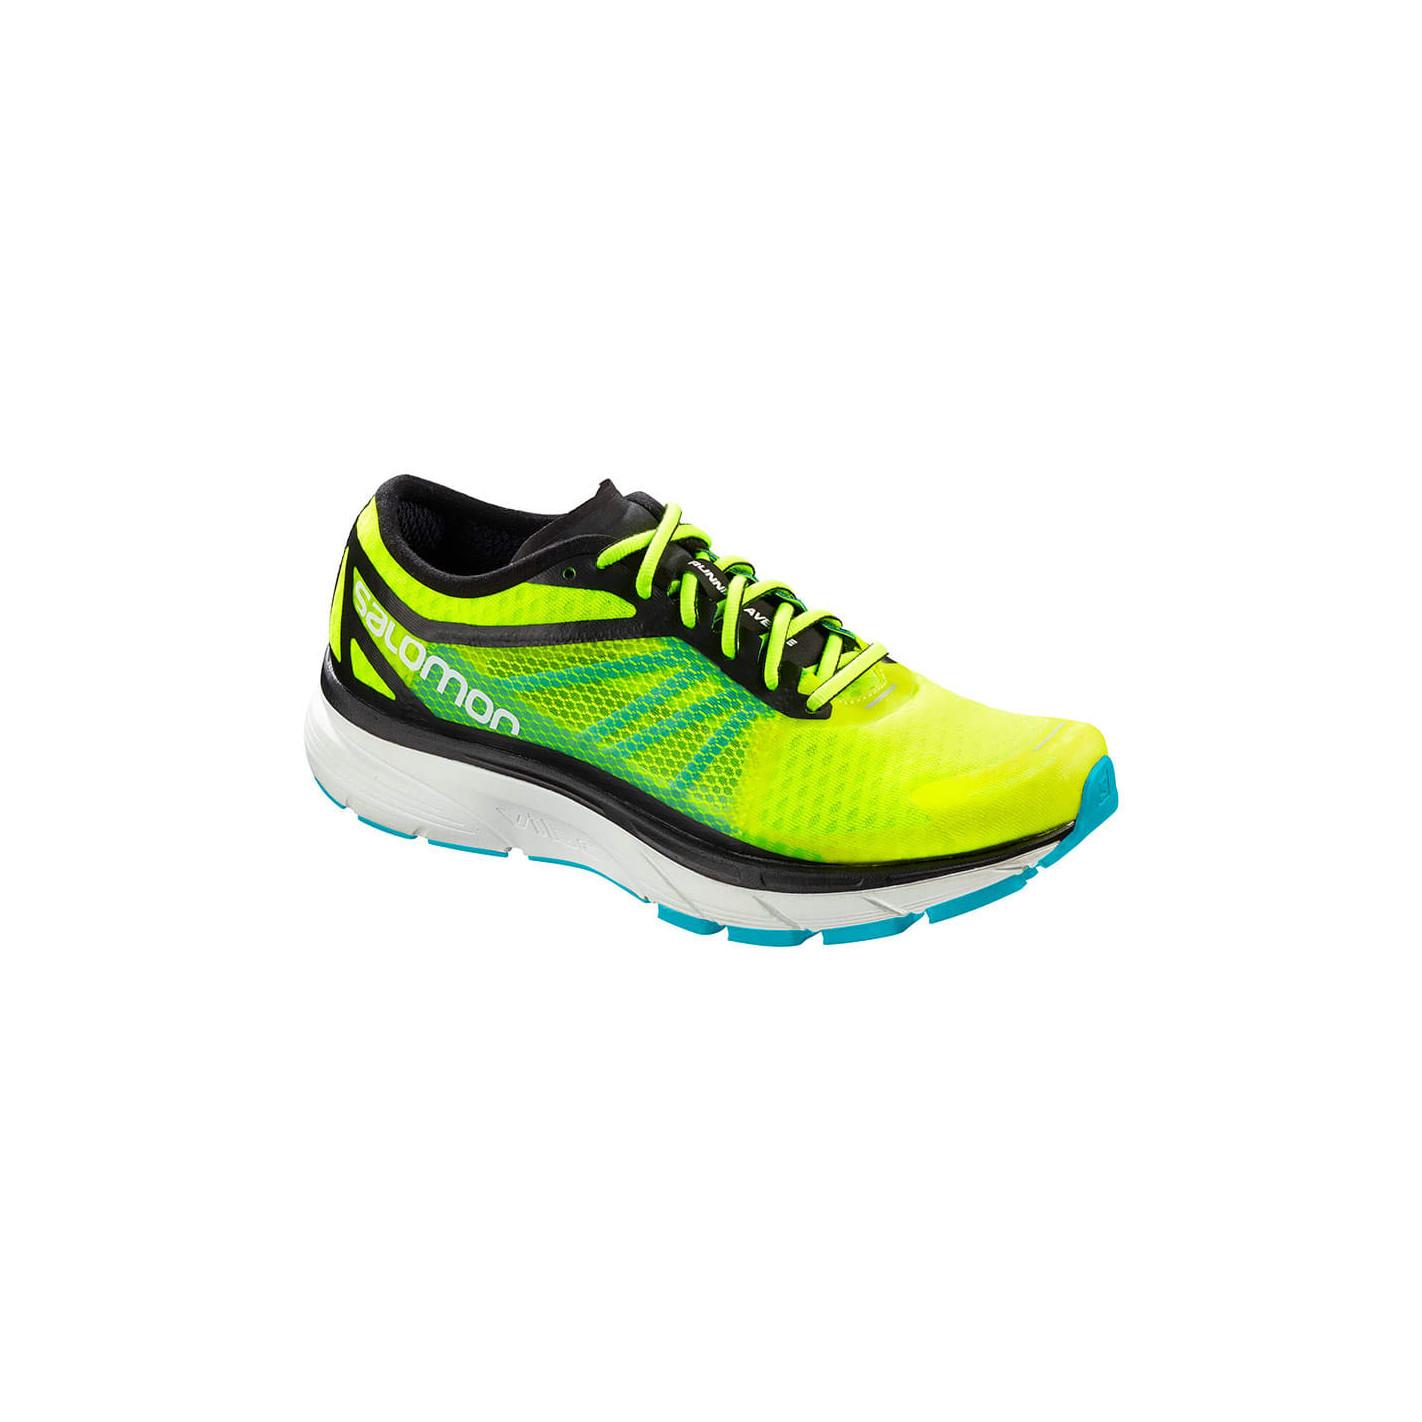 Chaussures Running SALOMON Homme SONIC RA Jaune Verte AH 2018